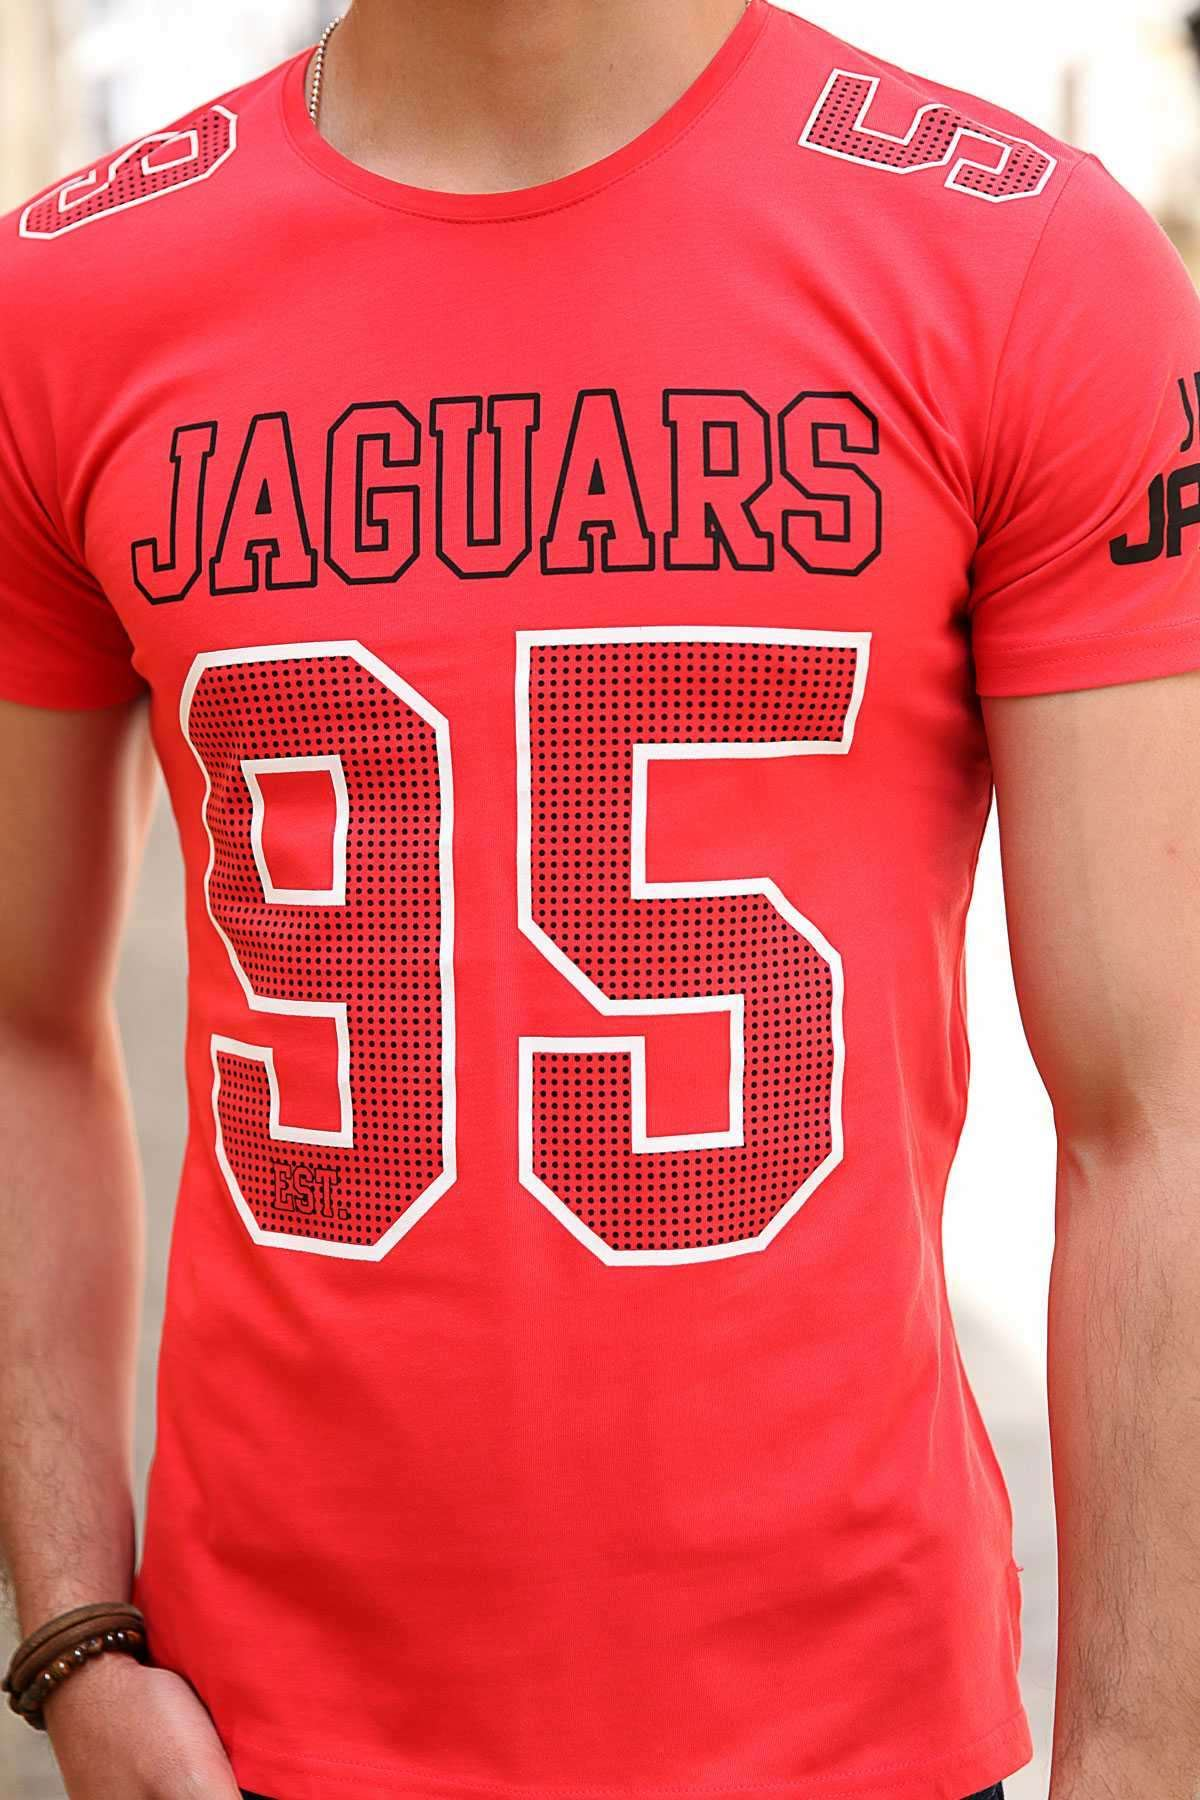 Jaguars 95 Yazı Baskılı Sıfır Yaka Slim Fit Tişört Kırmızı